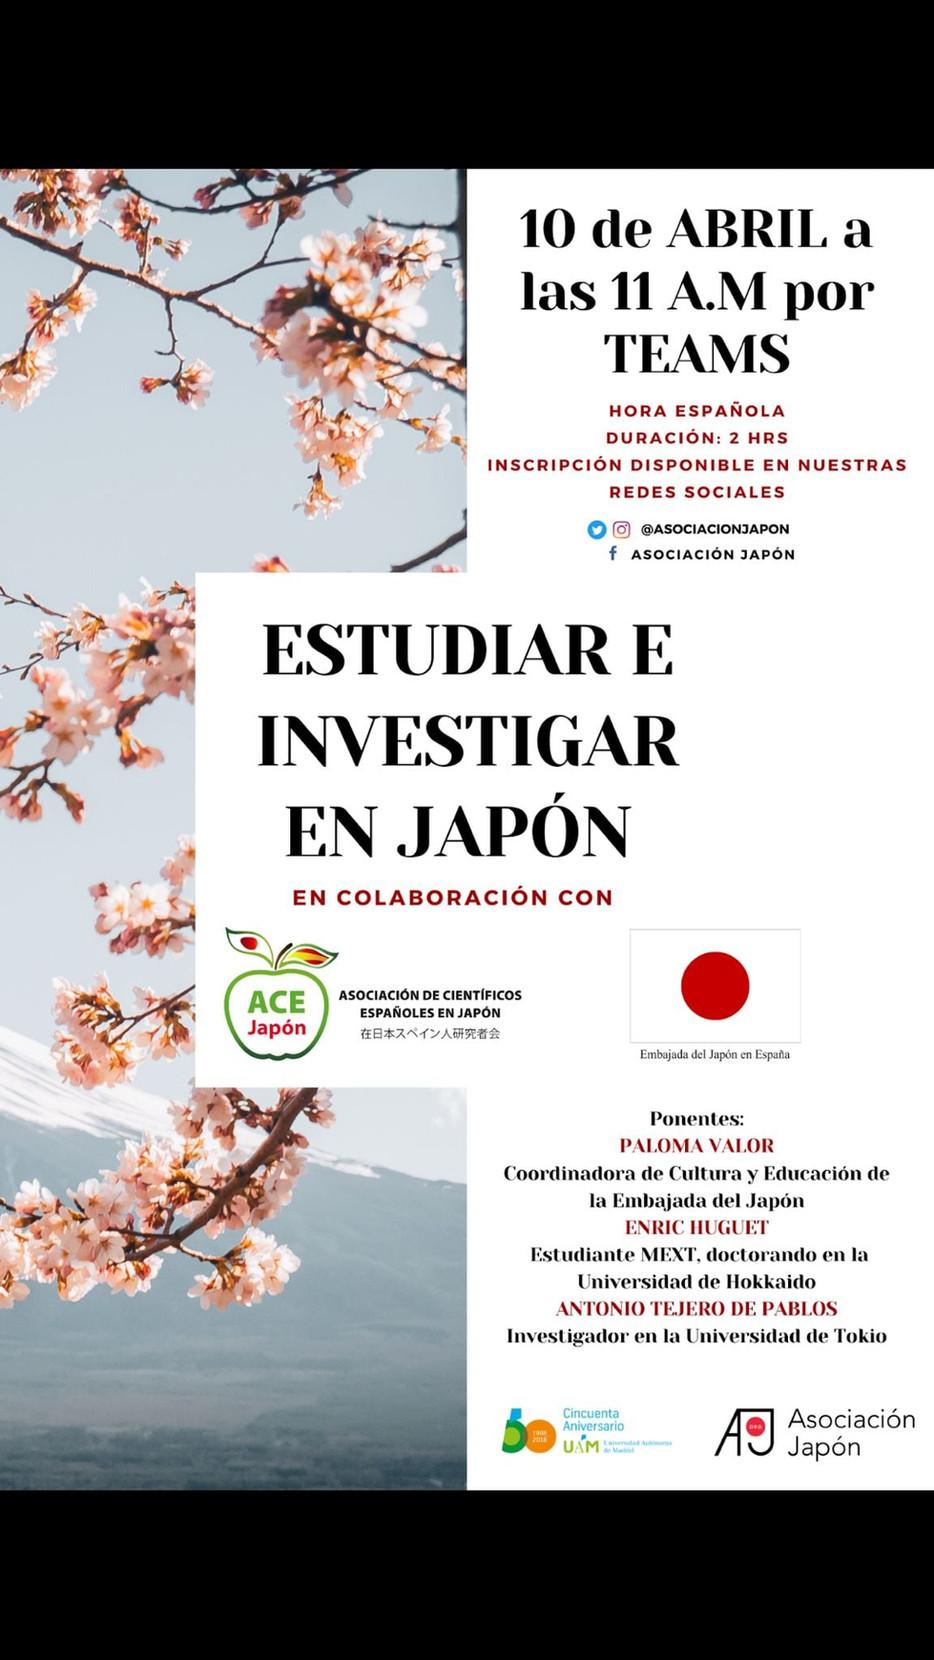 Estudiar e Investigar en Japón